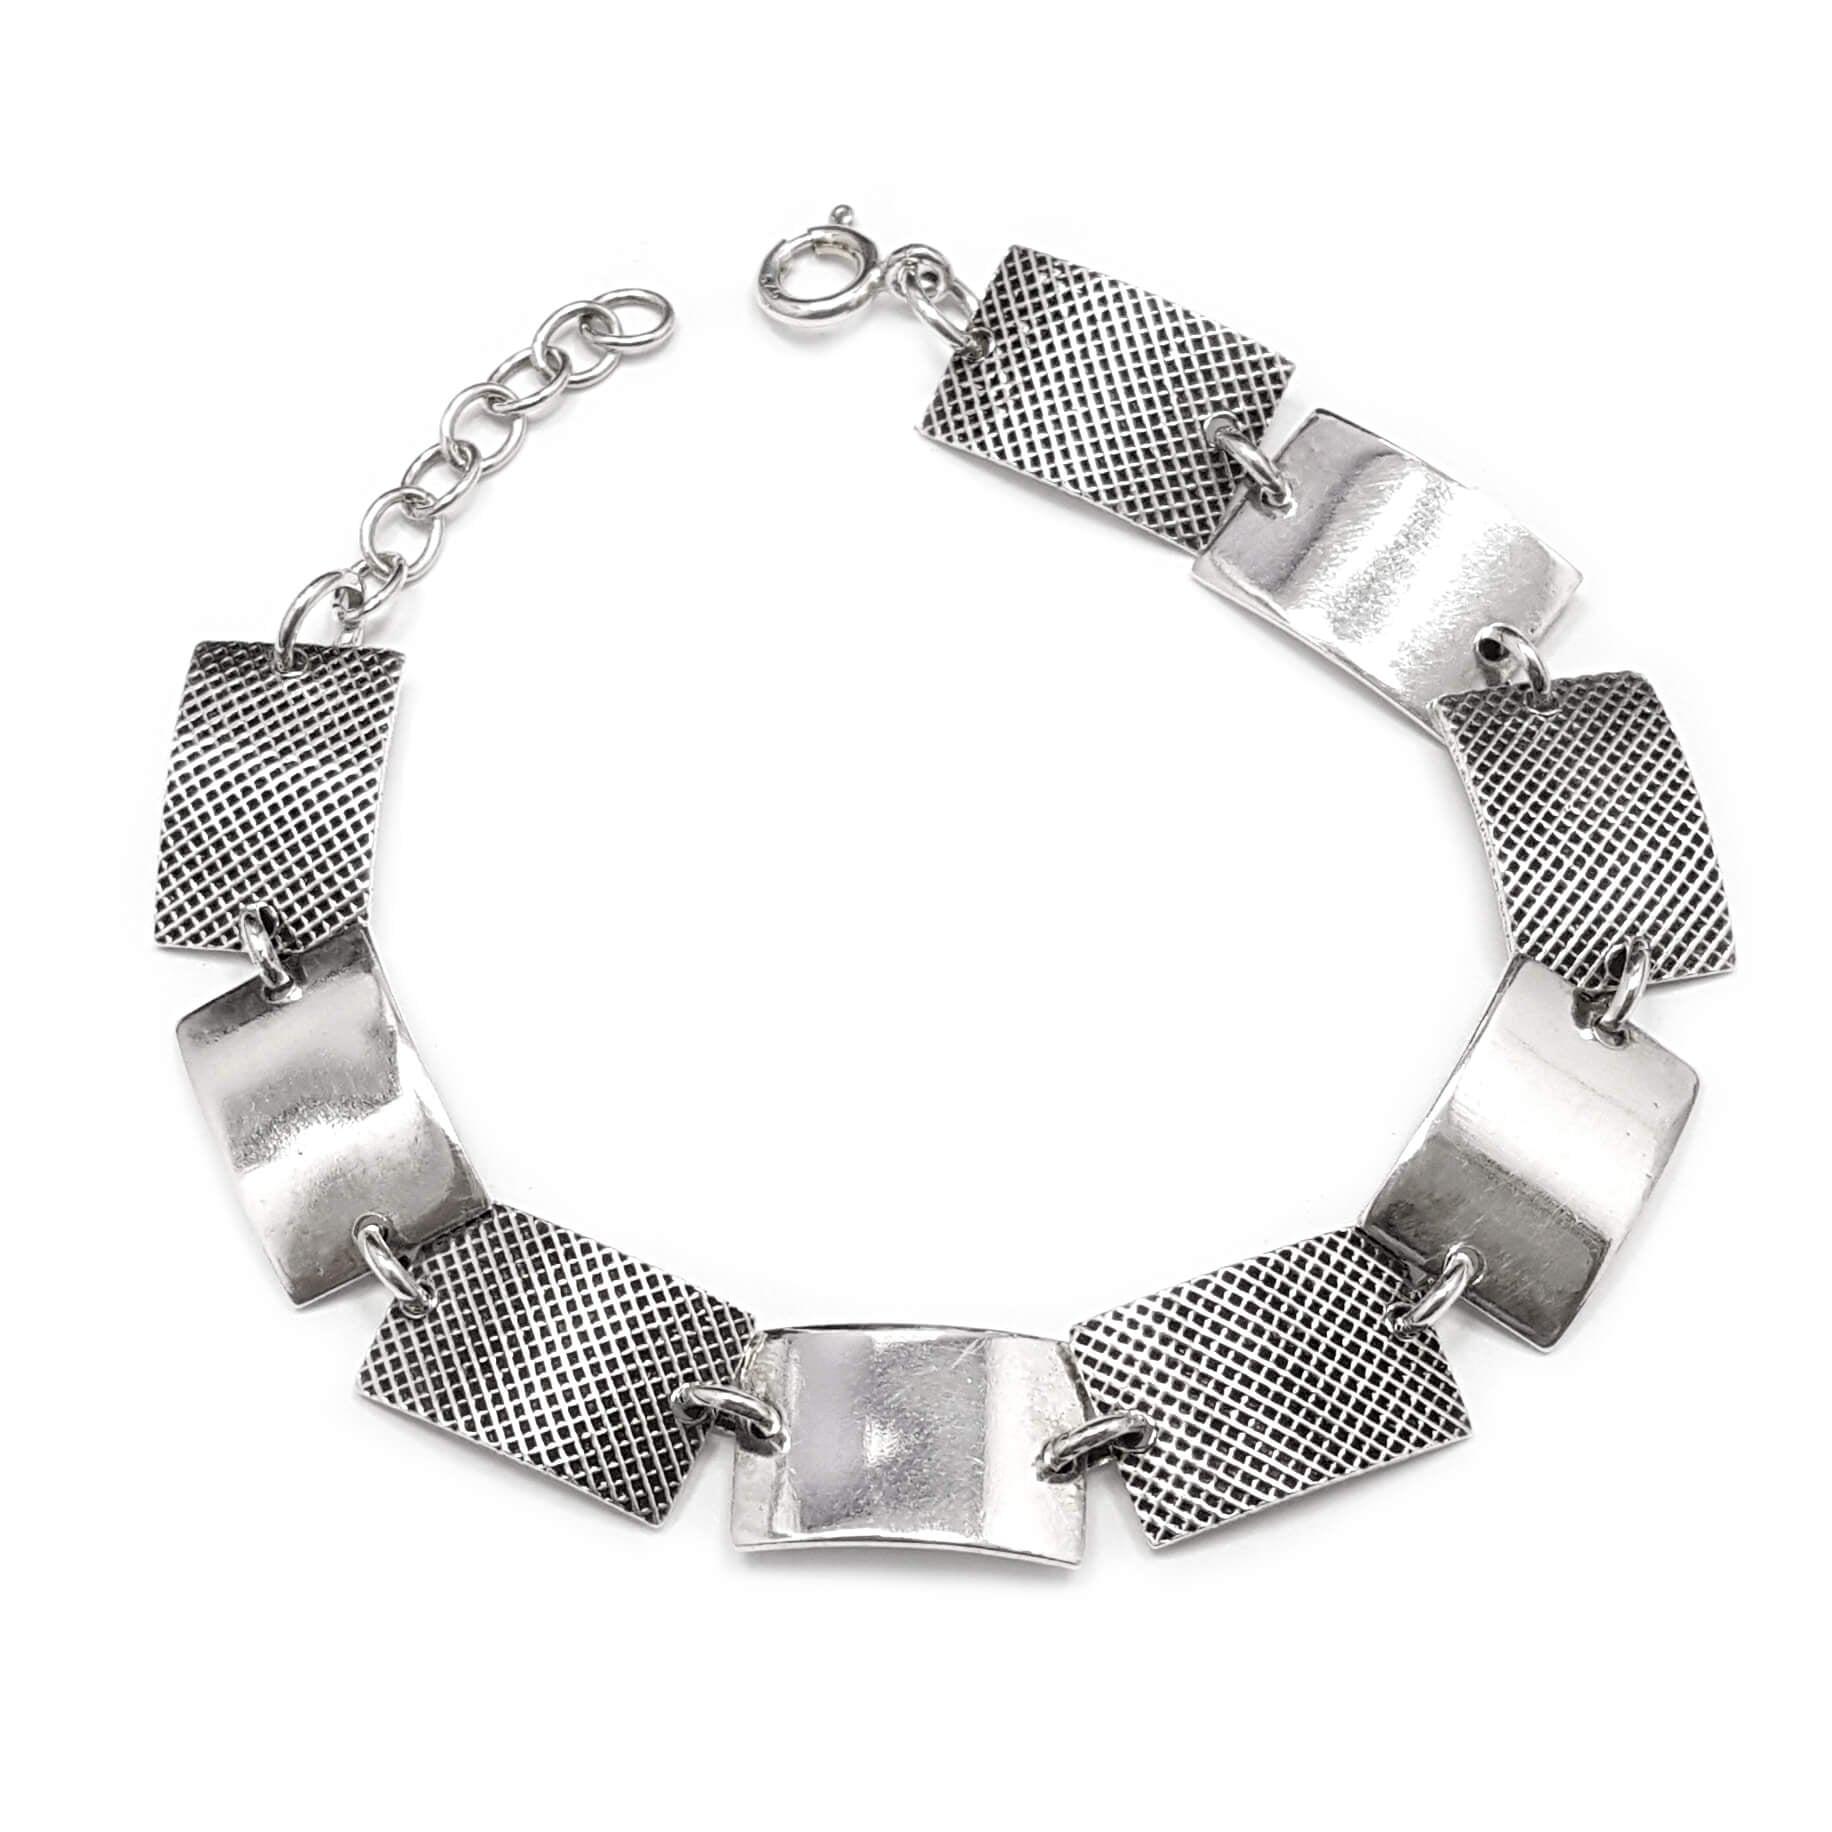 צמיד כסף מעוצב חוליות בצורת מלבן Z2997 | תכשיטי כסף 925 | צמידי כסף